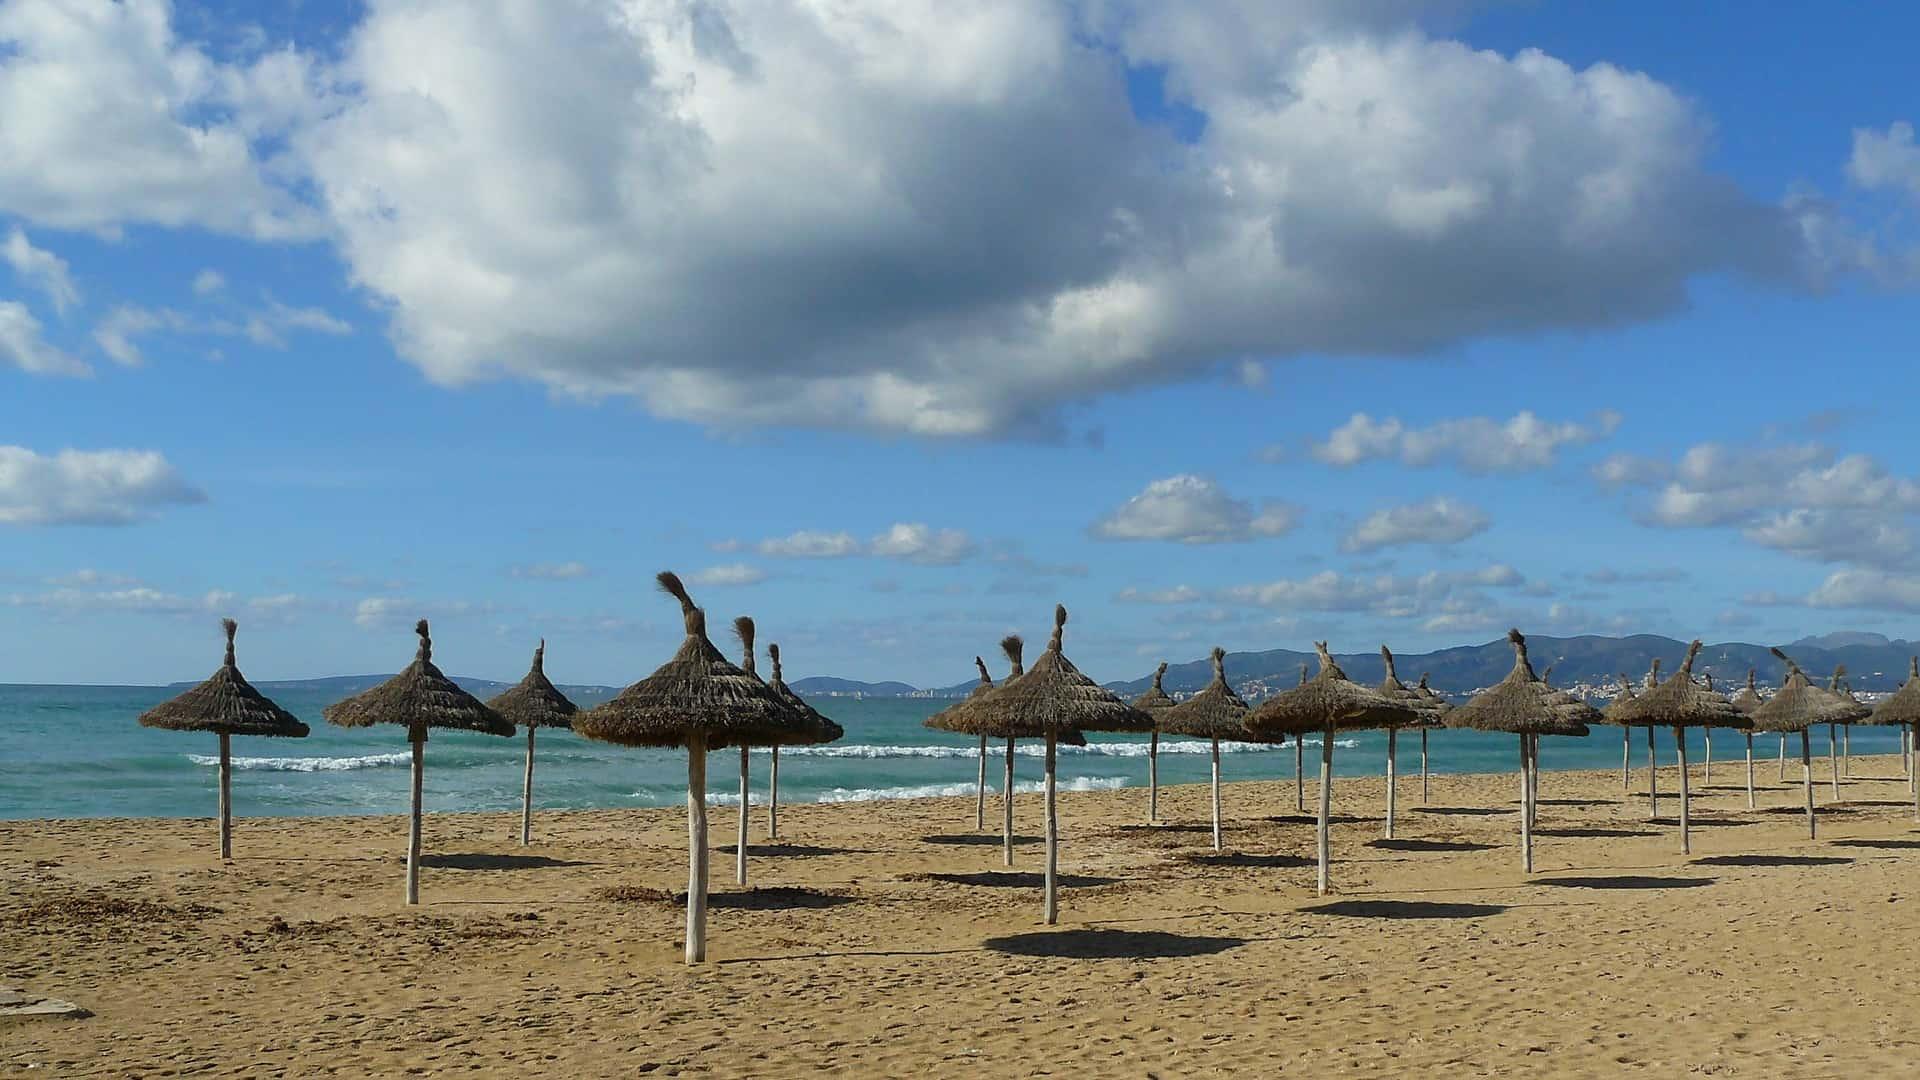 Playa de Palma Mallorca Wochenendtrip am Ballermann - Arenal